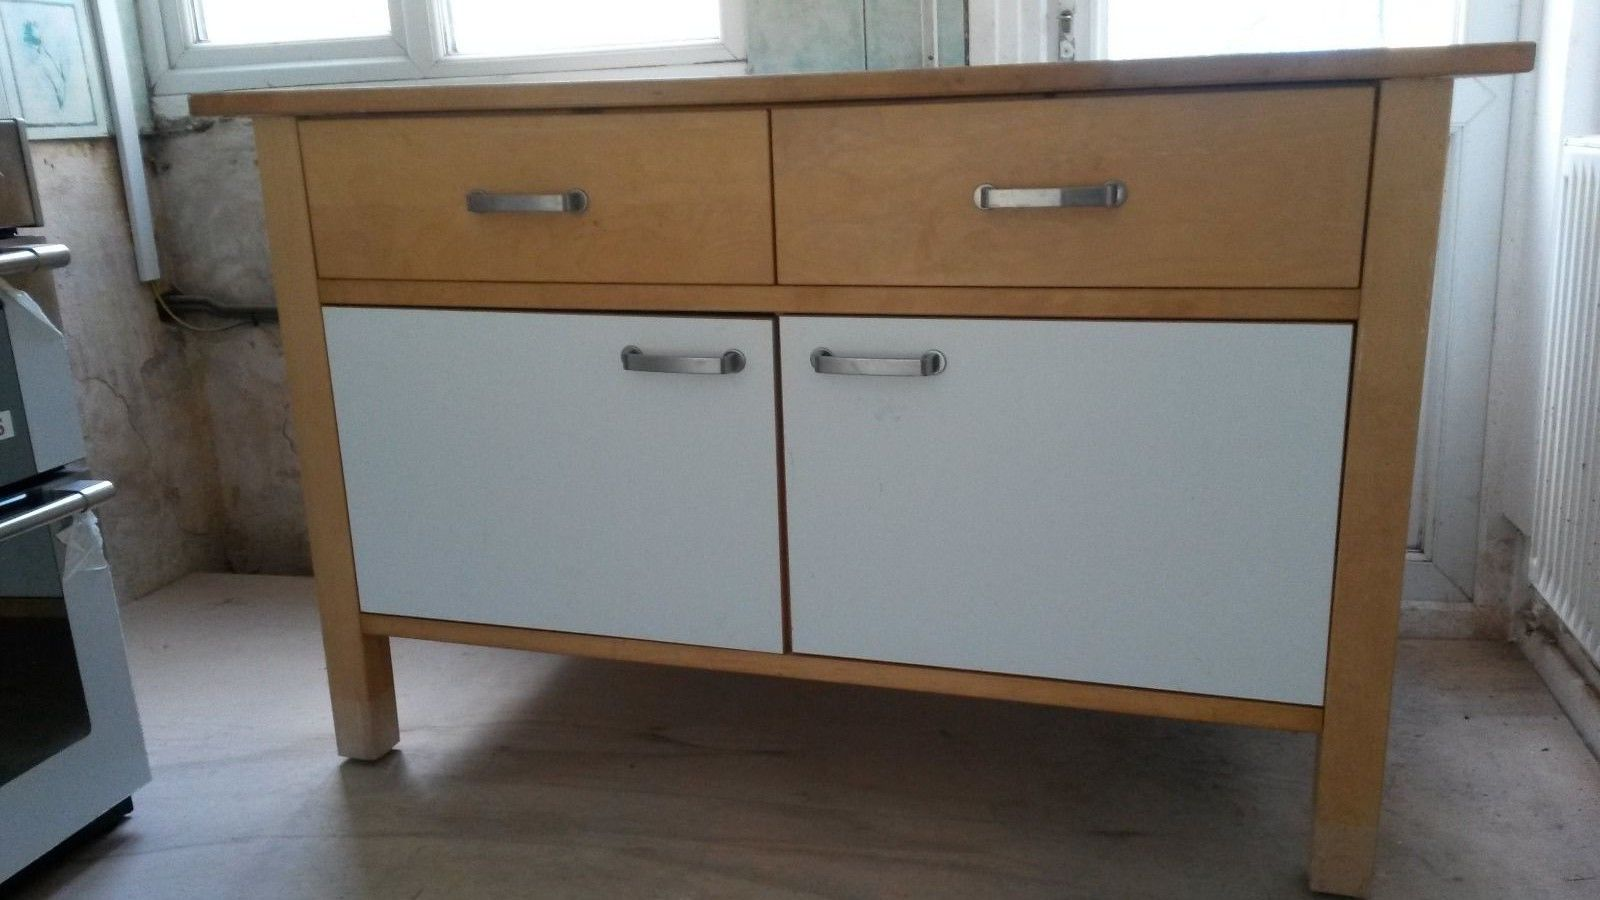 Full Size of Ikea Värde Varde Kitchen Units Sirdar Road House Clearance Küche Kosten Sofa Mit Schlaffunktion Betten 160x200 Kaufen Miniküche Bei Modulküche Wohnzimmer Ikea Värde